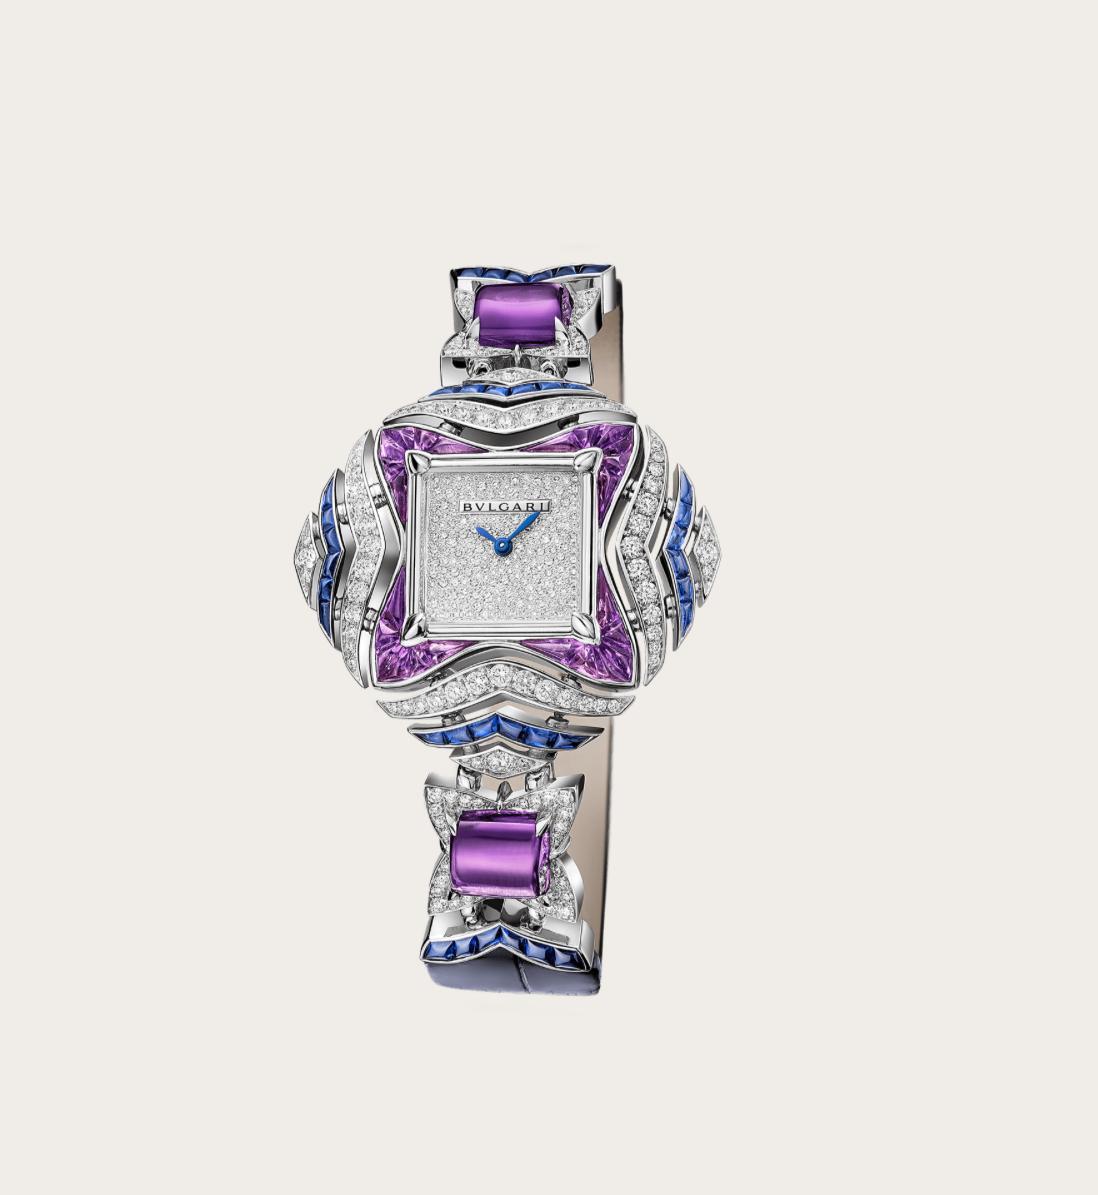 ساعة ميوزا من بولغري Bvlgari